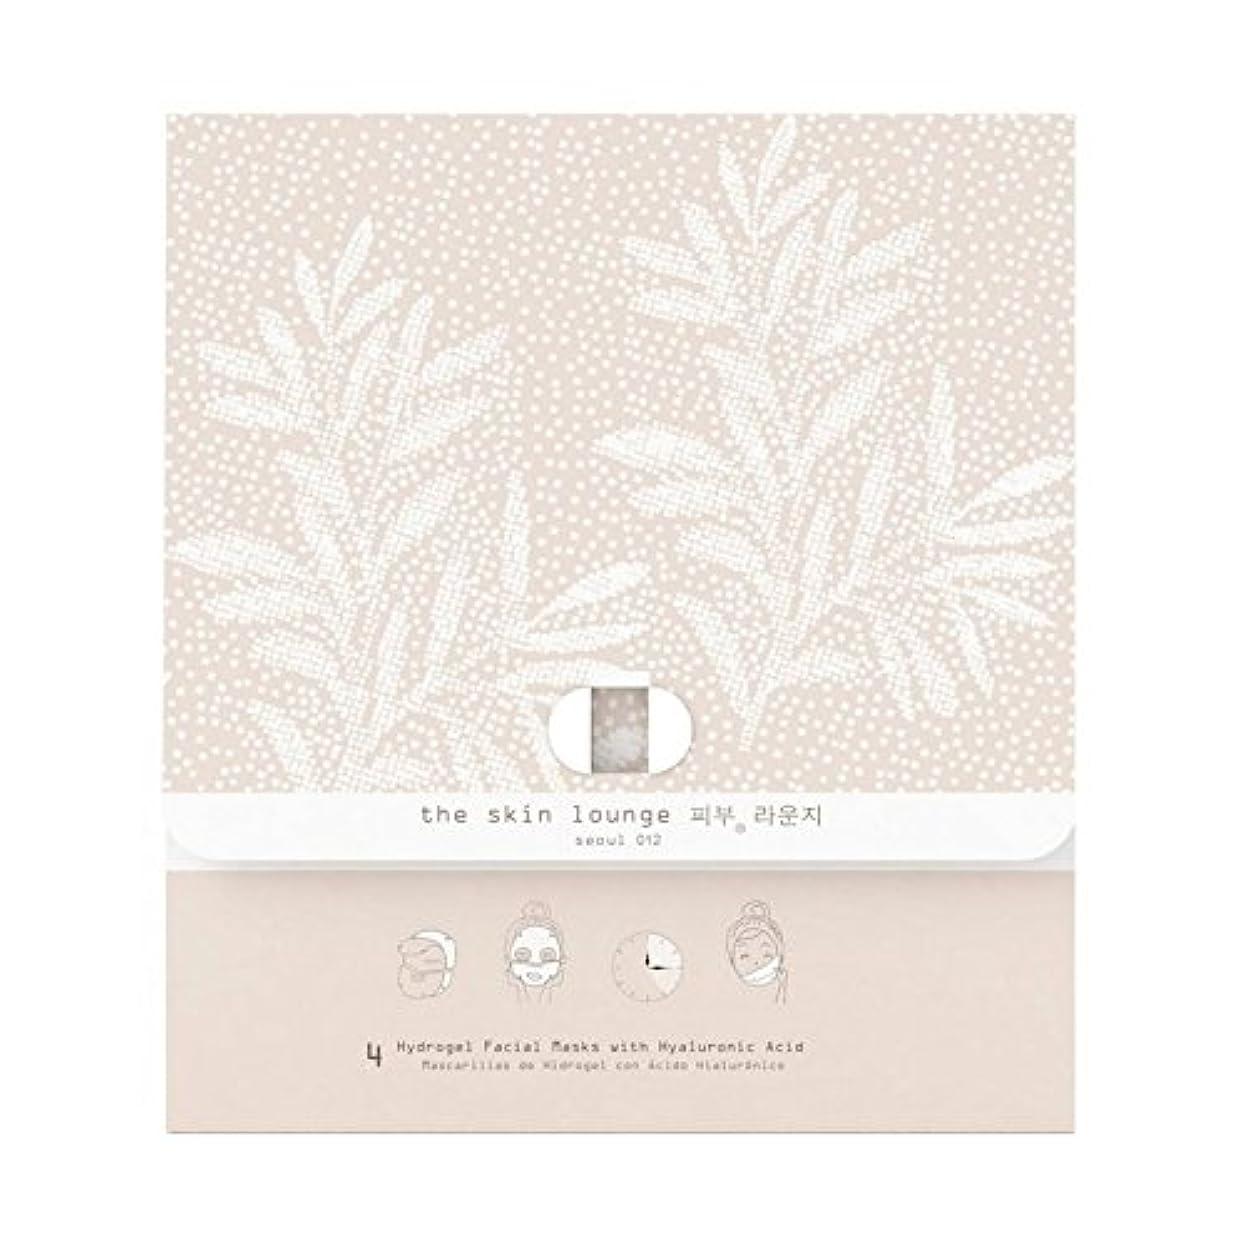 破壊ブロッサム金銭的な4の皮膚ラウンジヒドロゲルヘクタールパック x4 - The Skin Lounge Hydrogel HA Pack of 4 (Pack of 4) [並行輸入品]